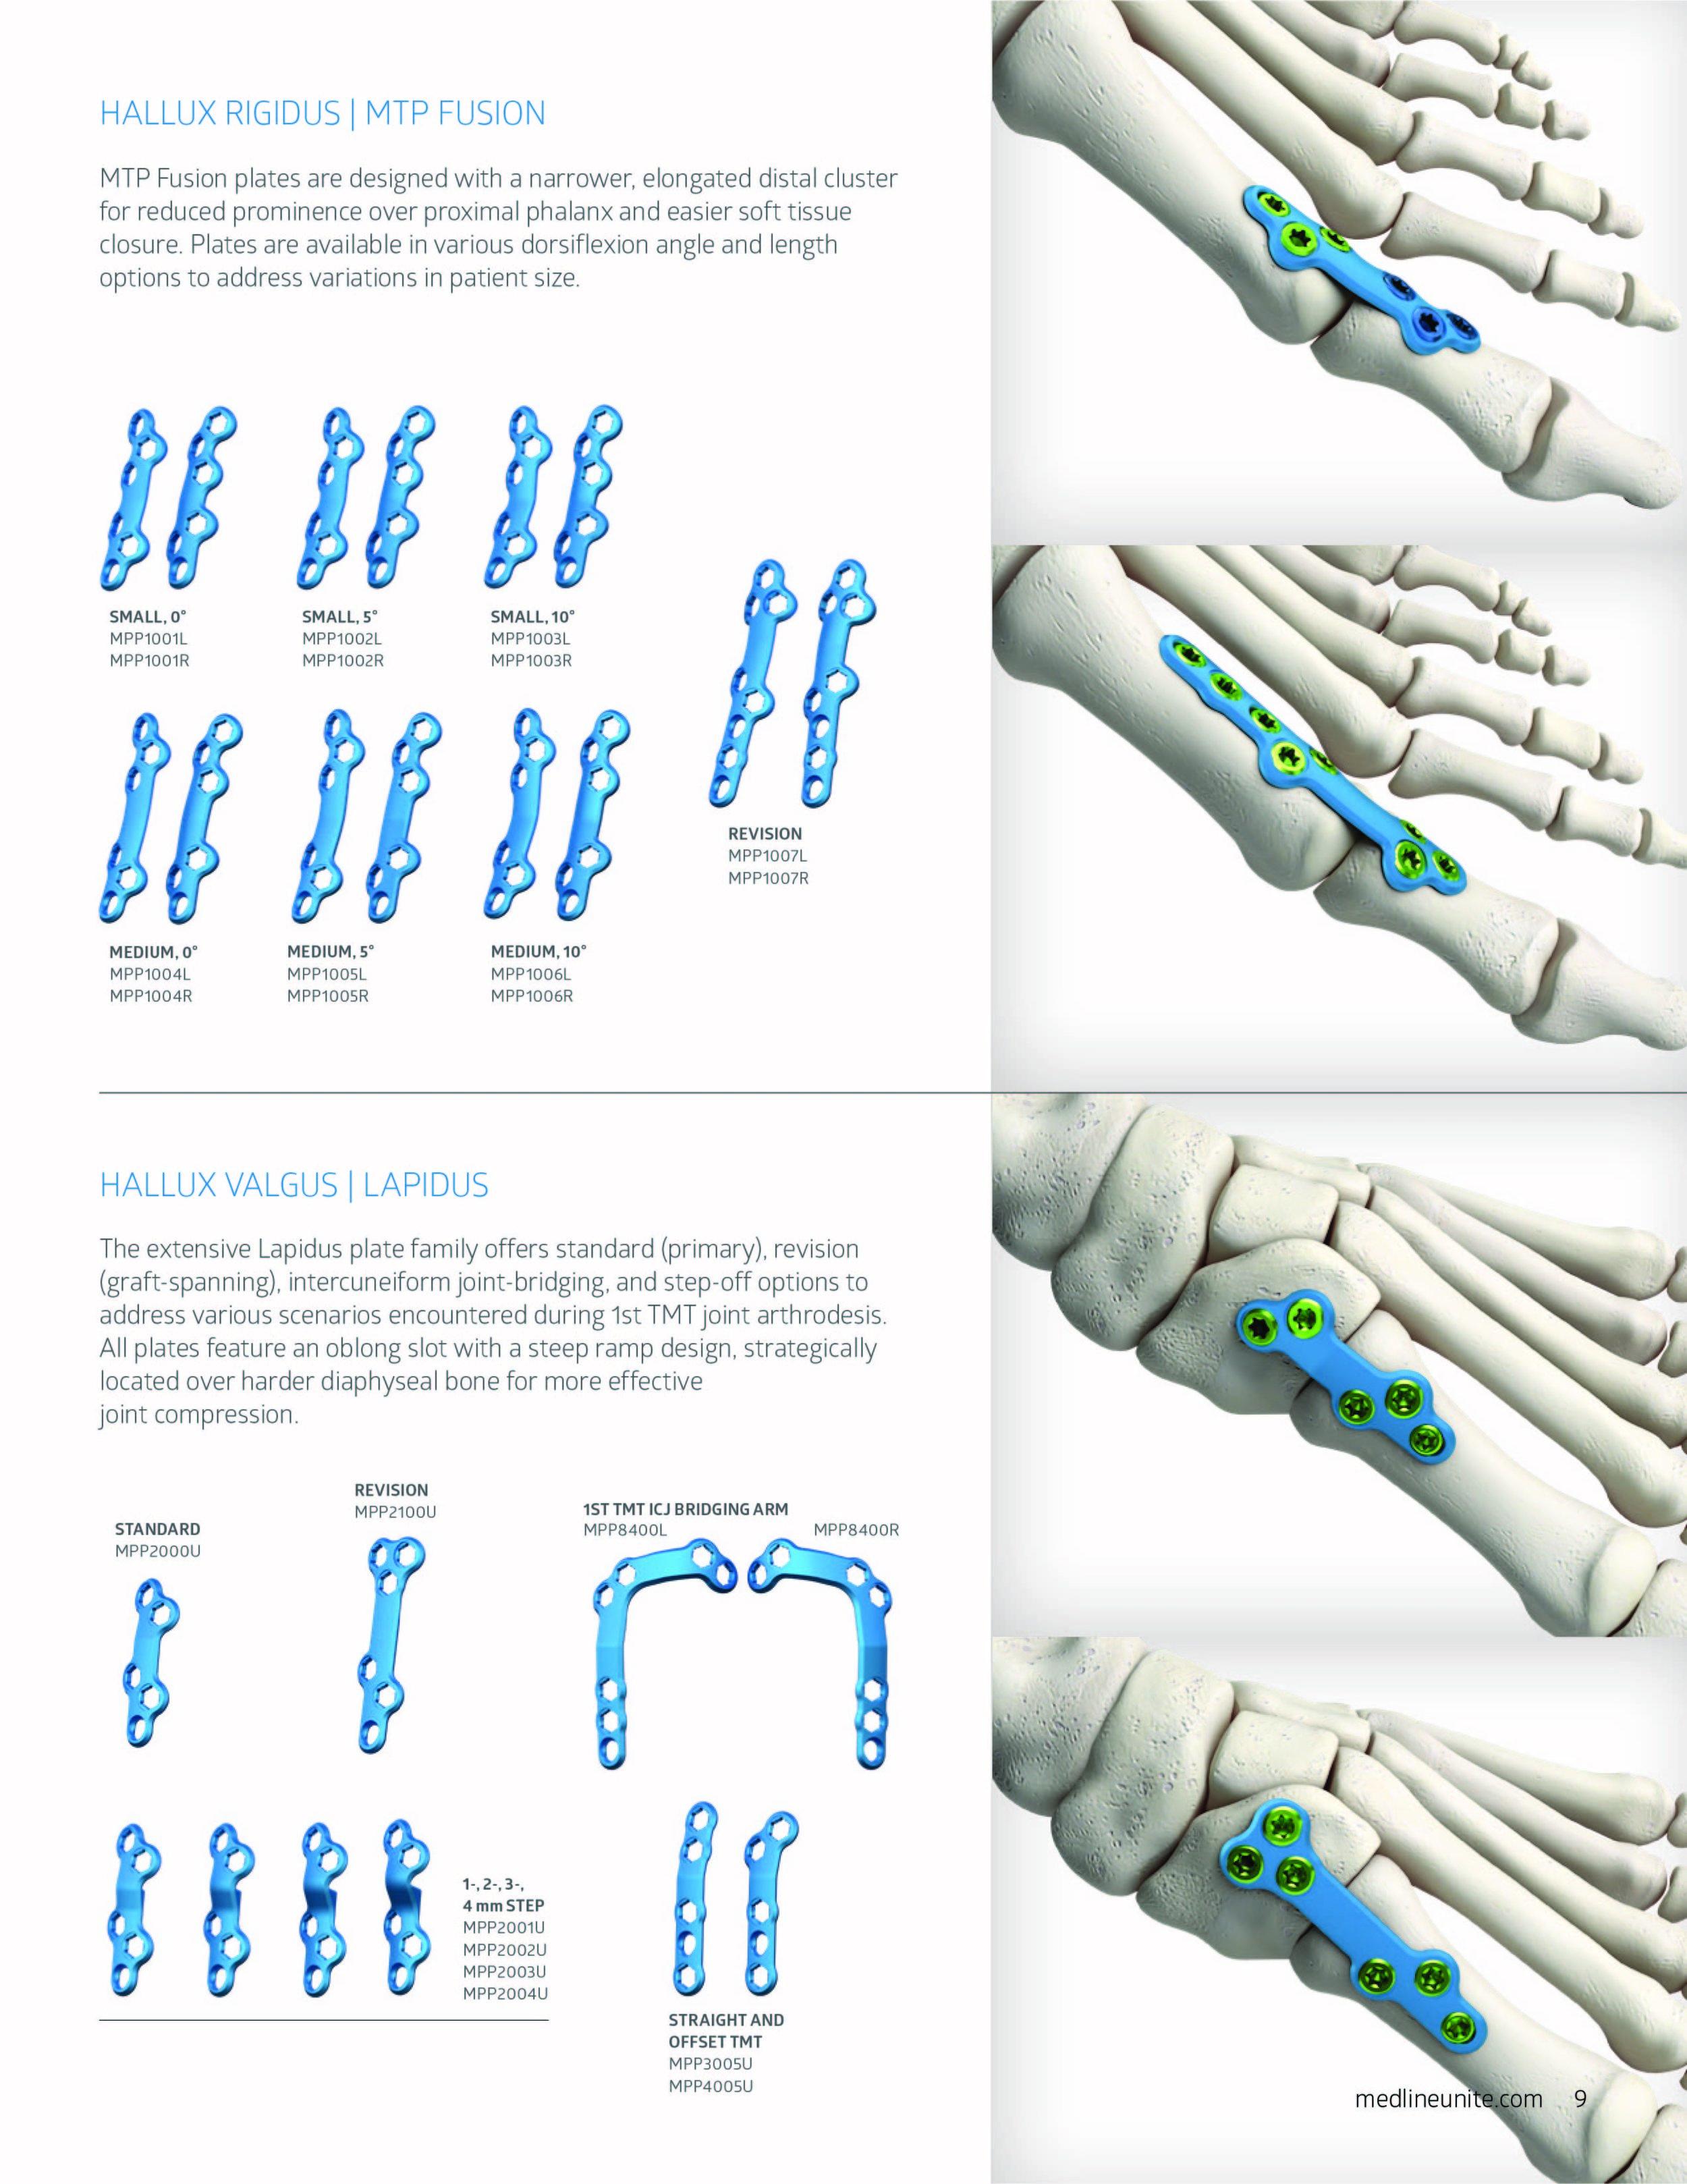 bioskin_key-11.jpg